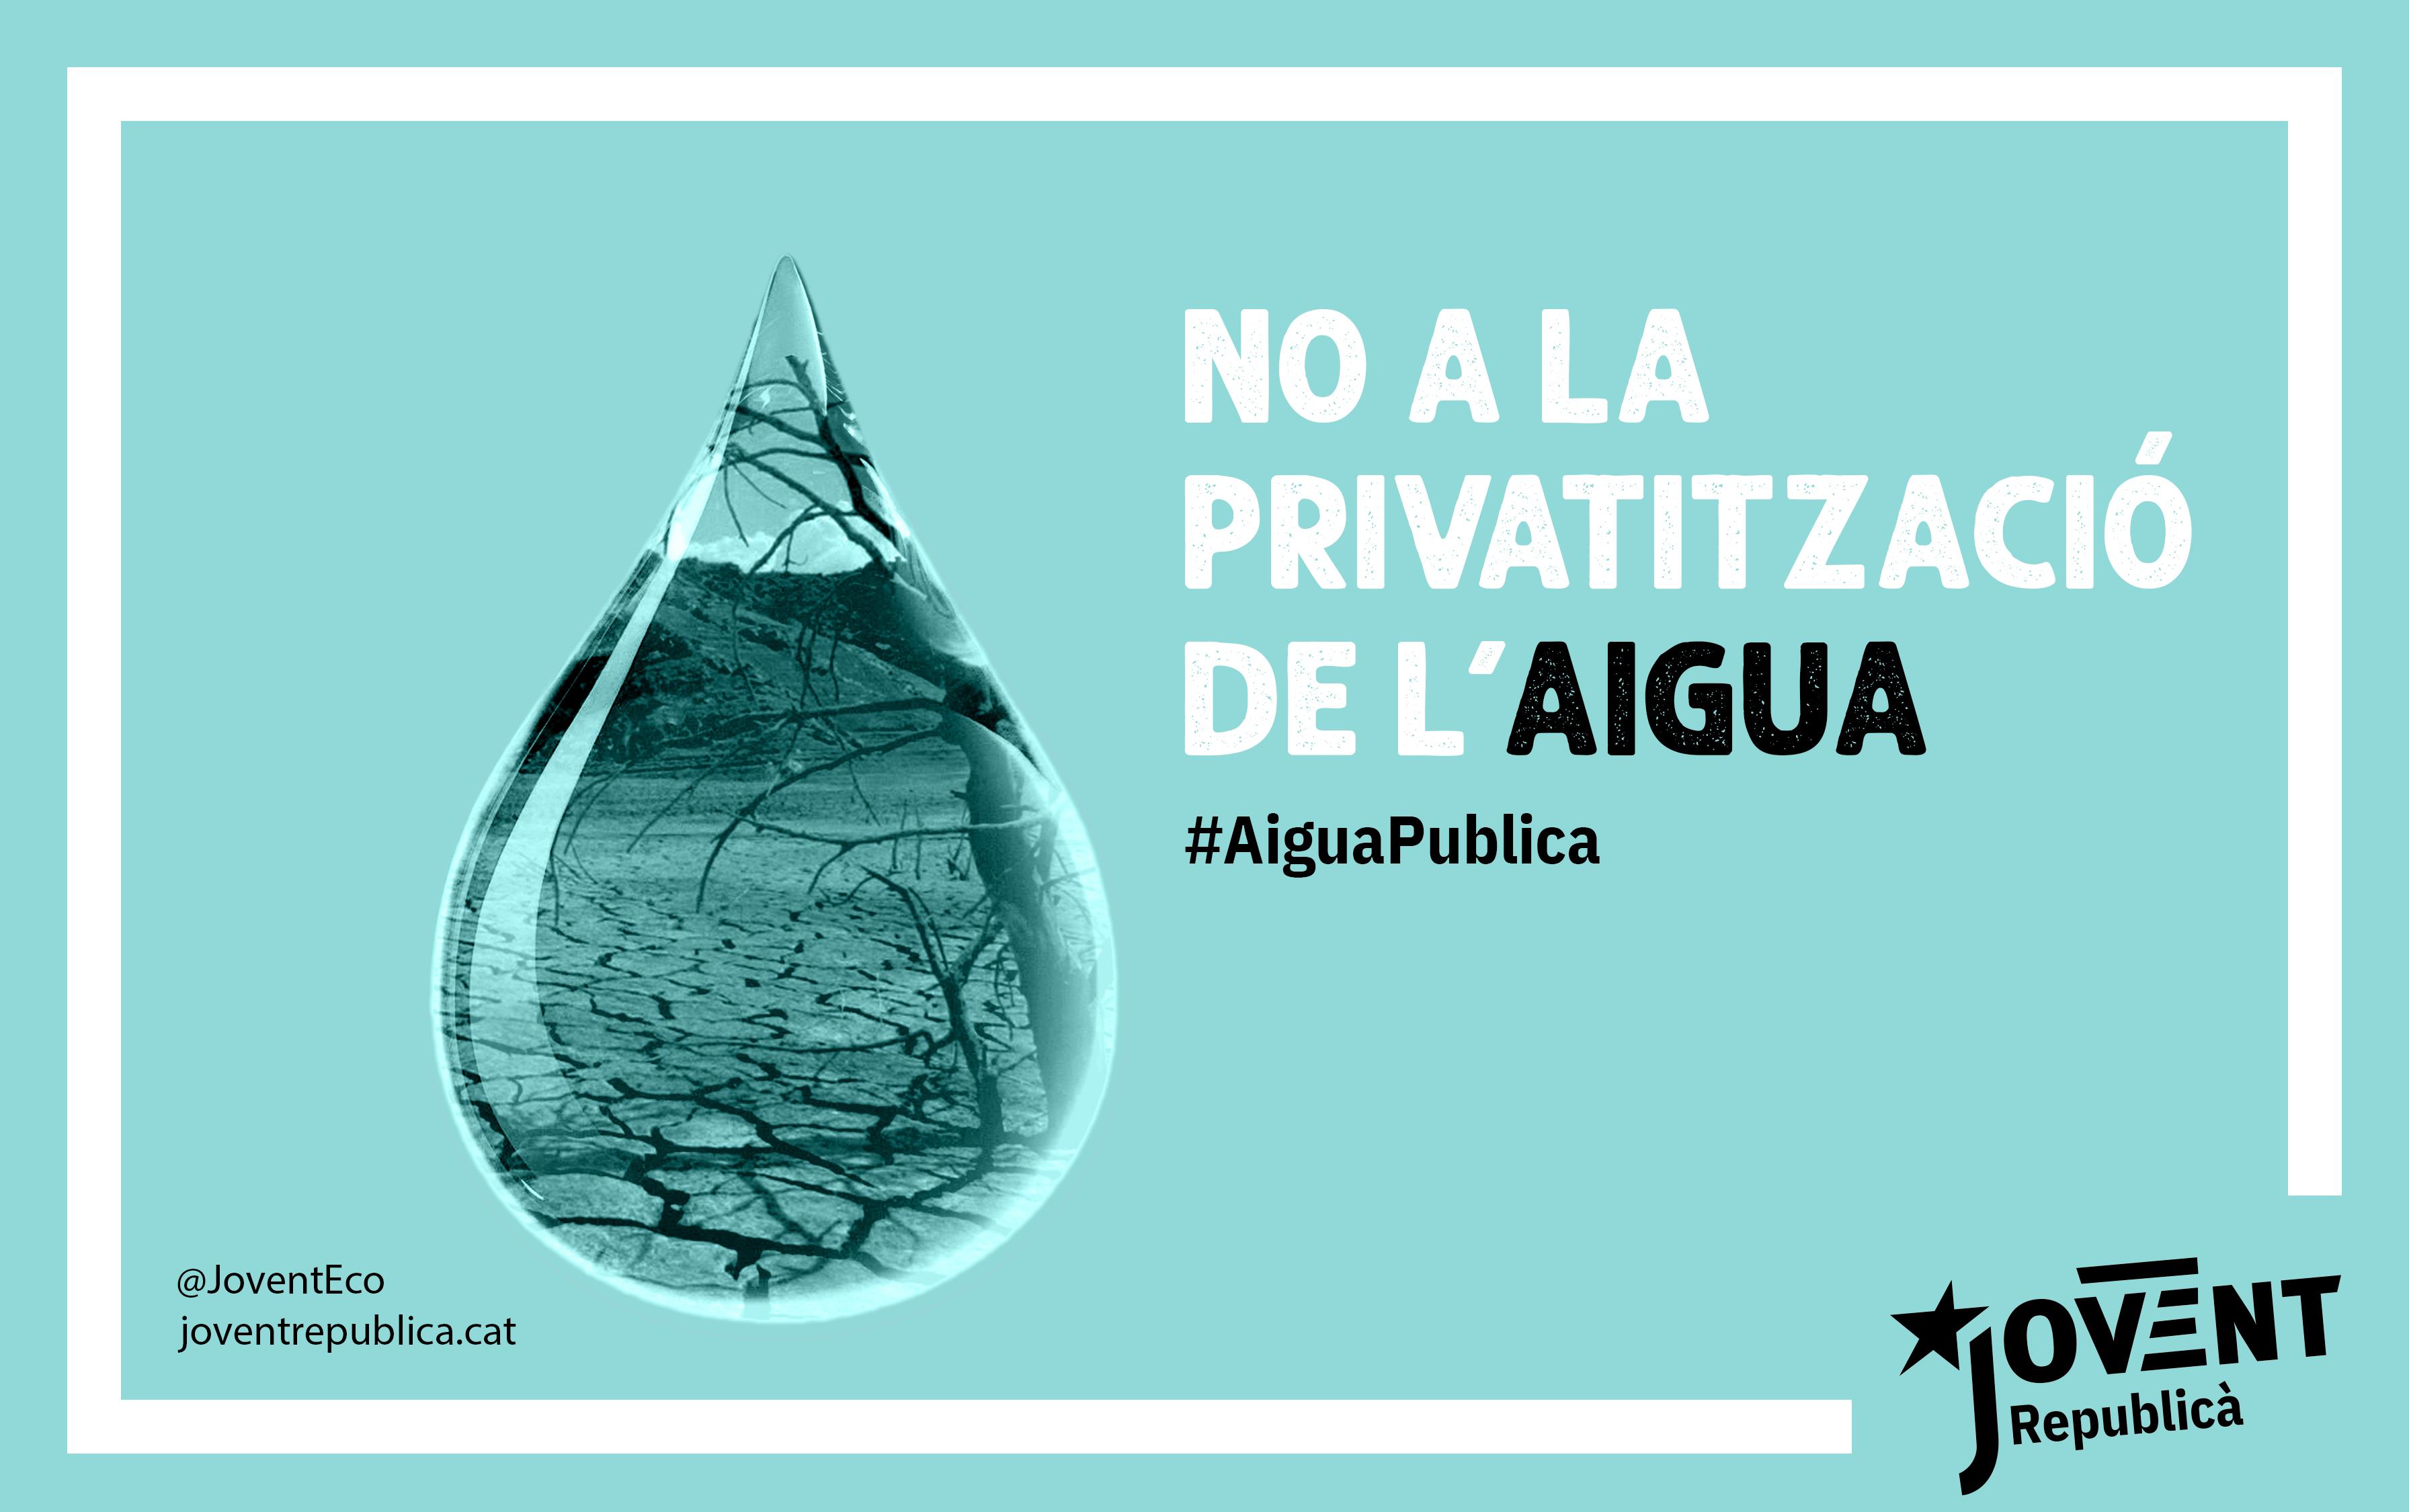 L'escassetat d'aigua i l'oligopoli de la seva gestió posa en risc la nostra sobirania.